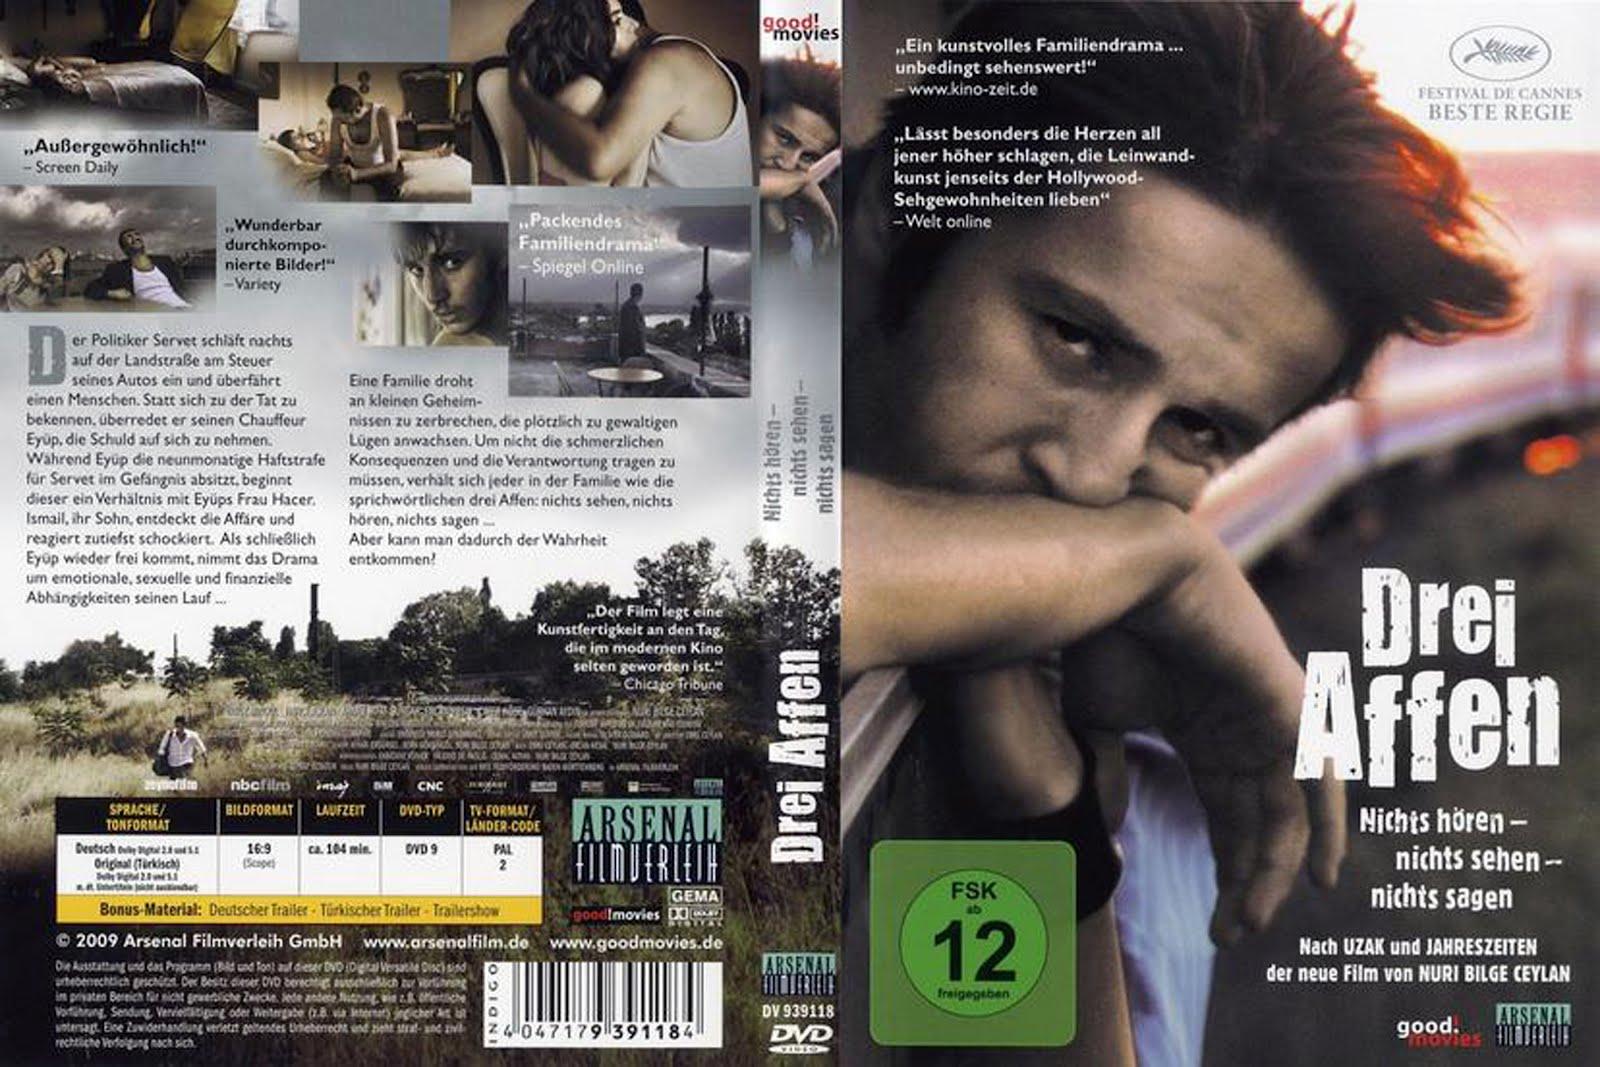 Drei Affen Three Monkeys Dvd Cover